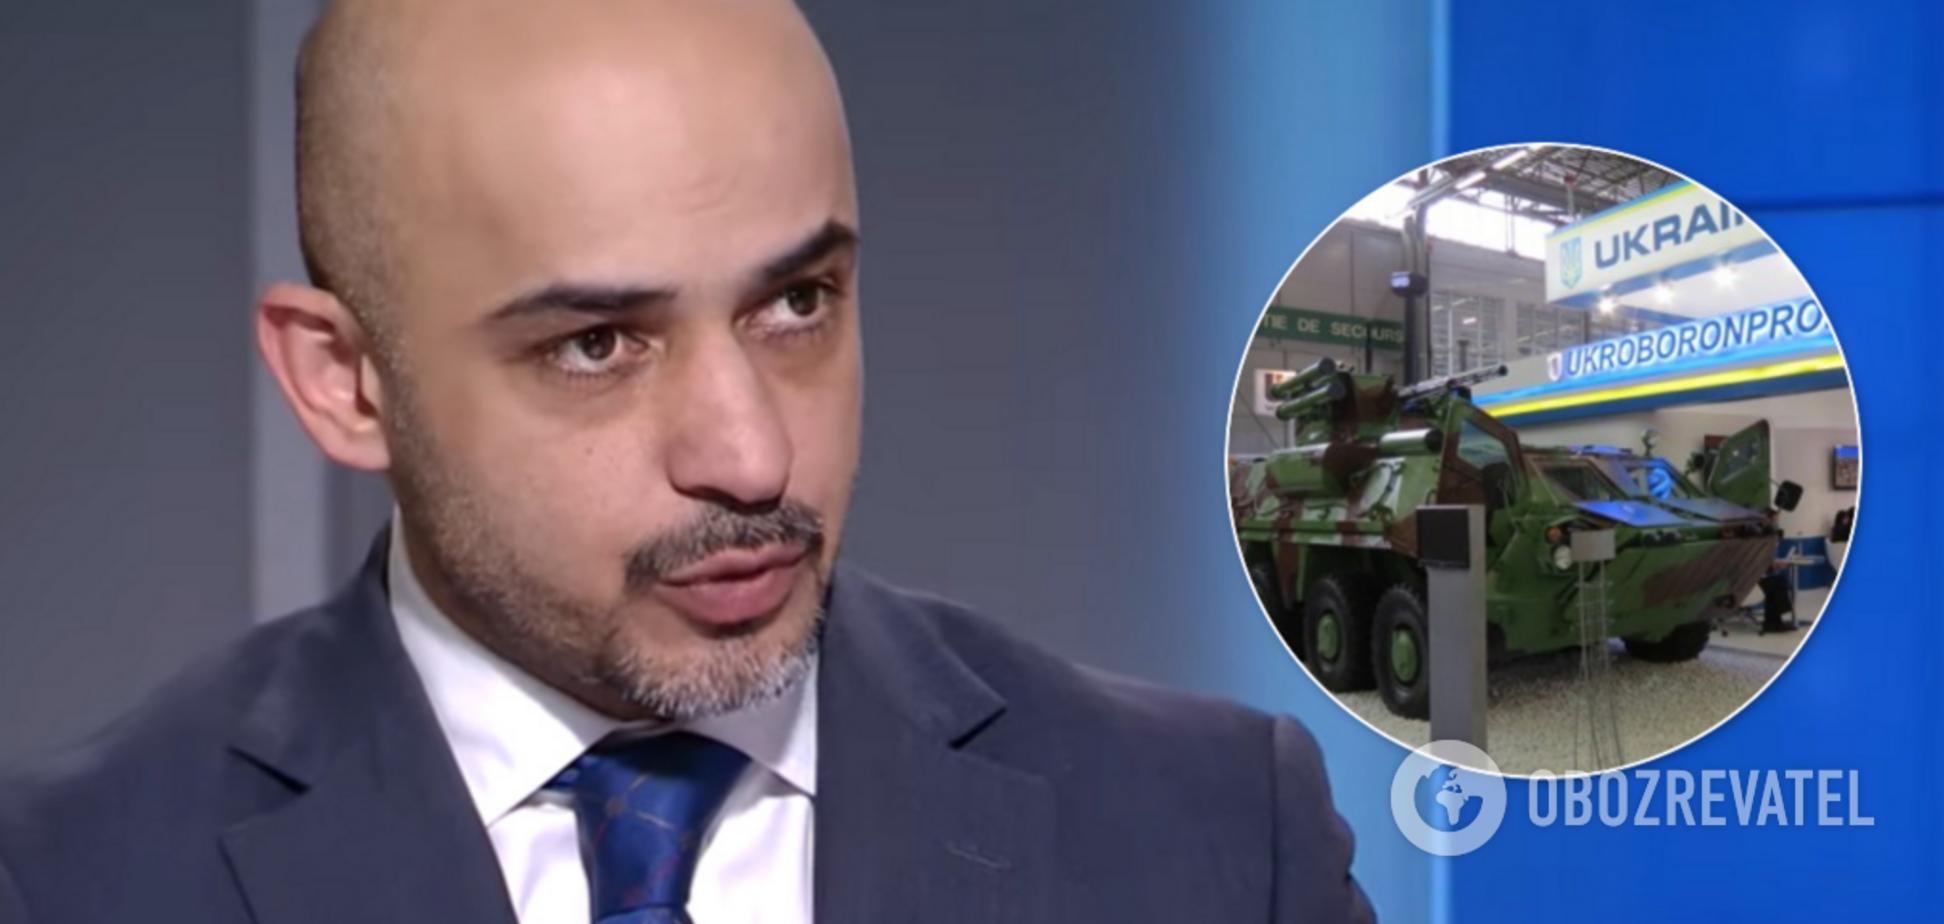 Відмовляться від заводів заради зарплат: Найєм розповів про реформу 'Укроборонпрому'